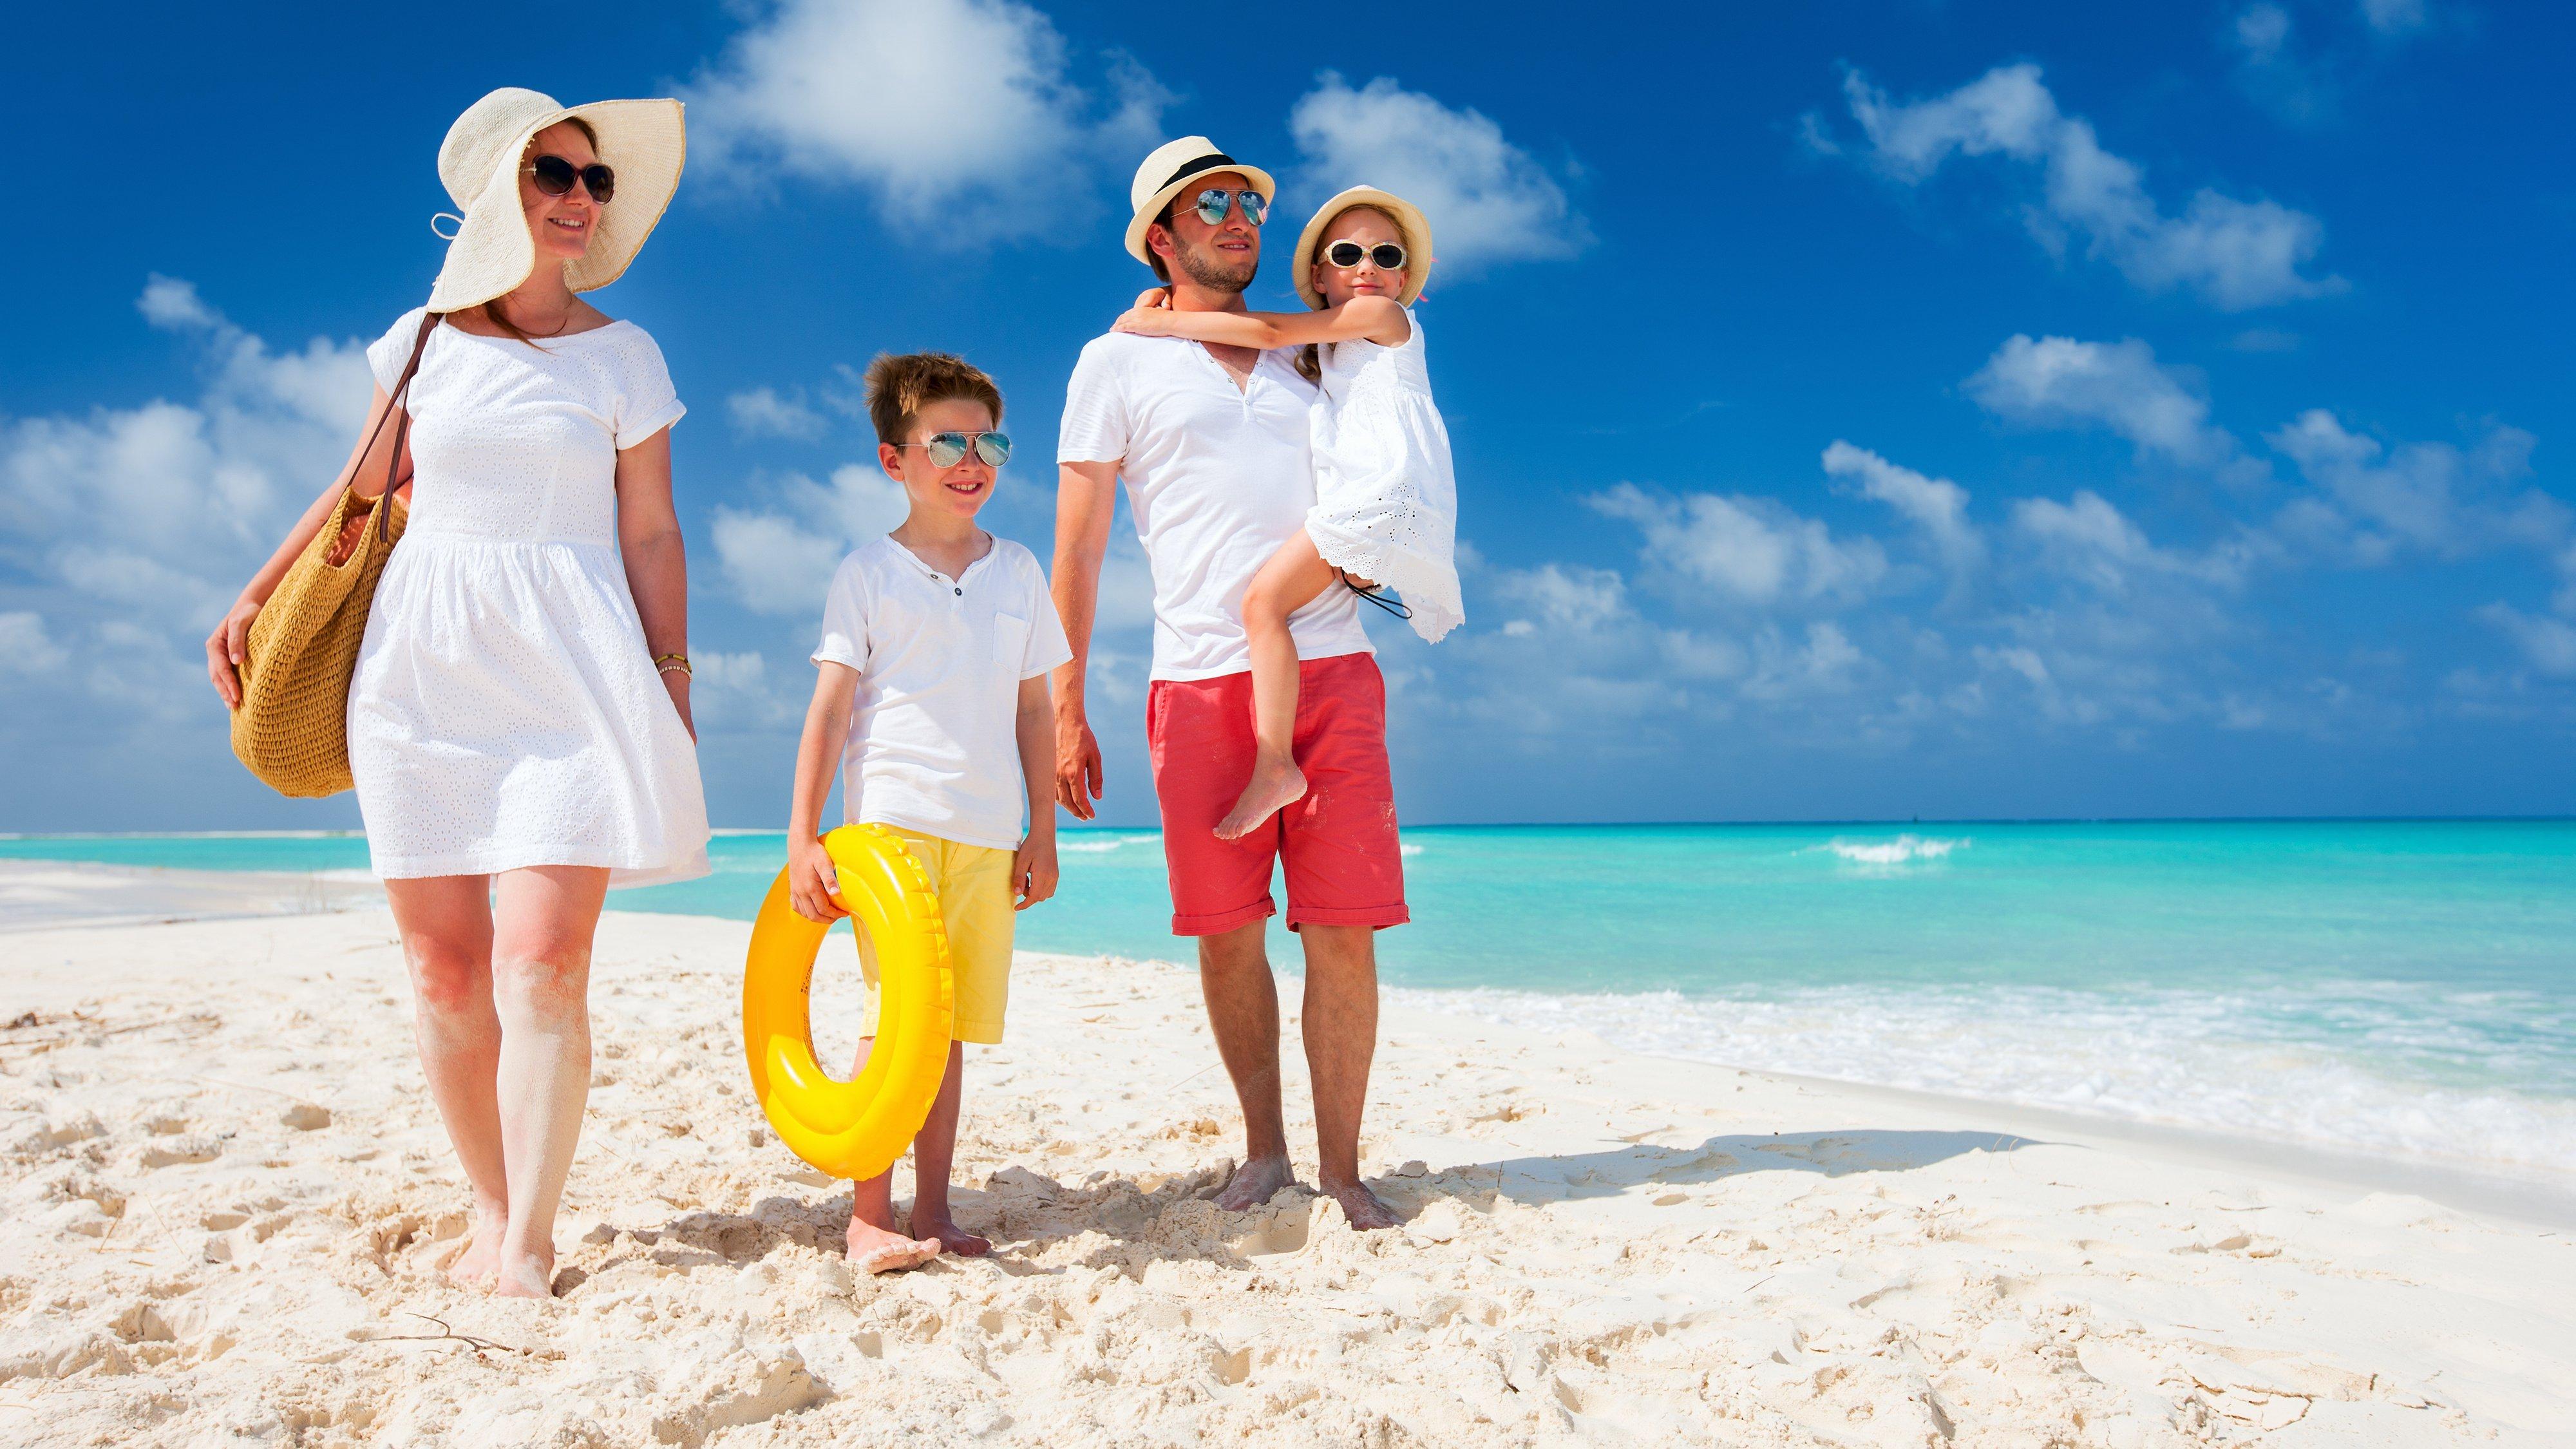 Foto de família caminhando na praia